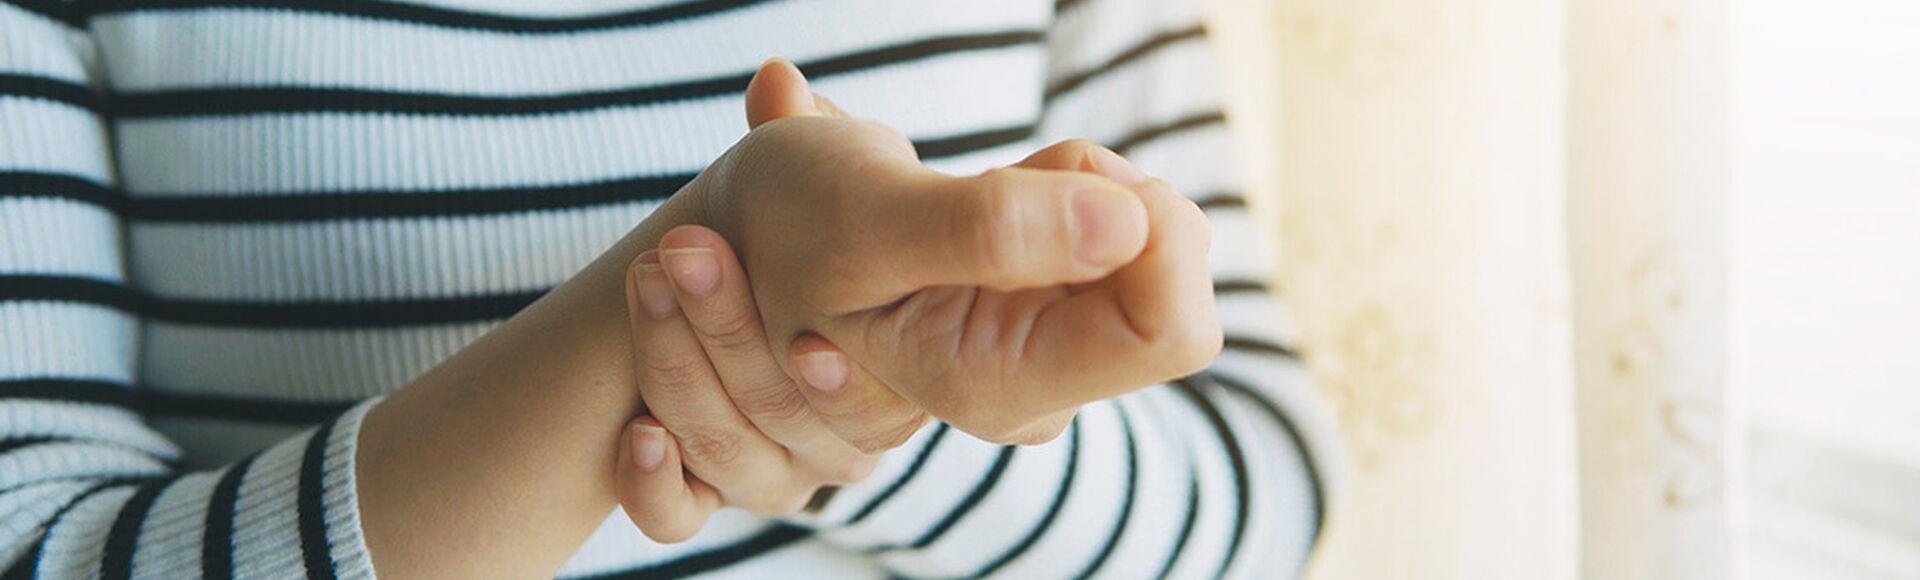 ¿Cómo aliviar el dolor en las manos en el embarazo?   Más Abrazos by Huggies